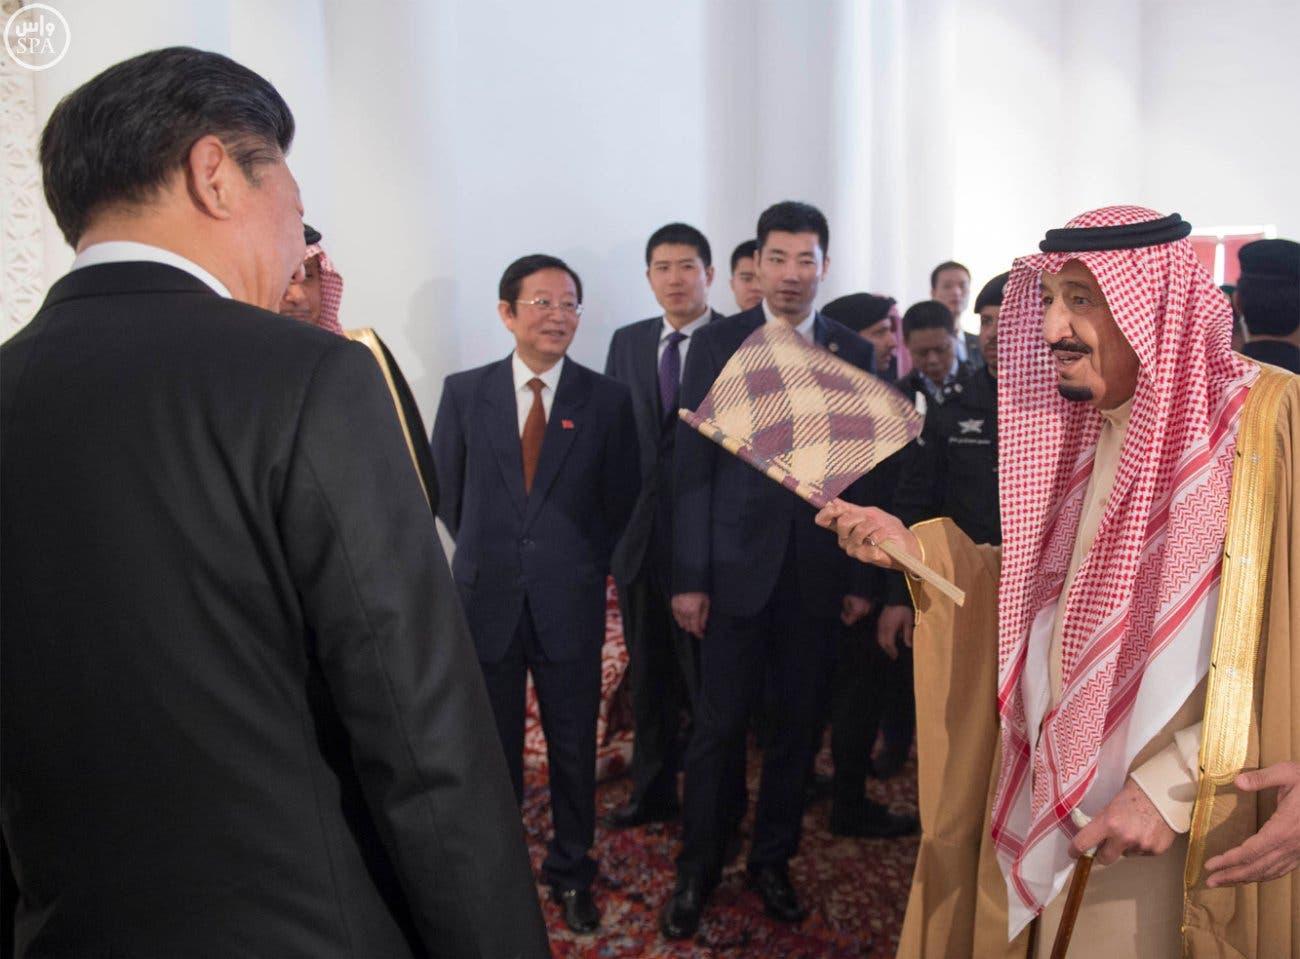 الملك سلمان يحمل مروحة كان يستخدمها السعوديون قديماً